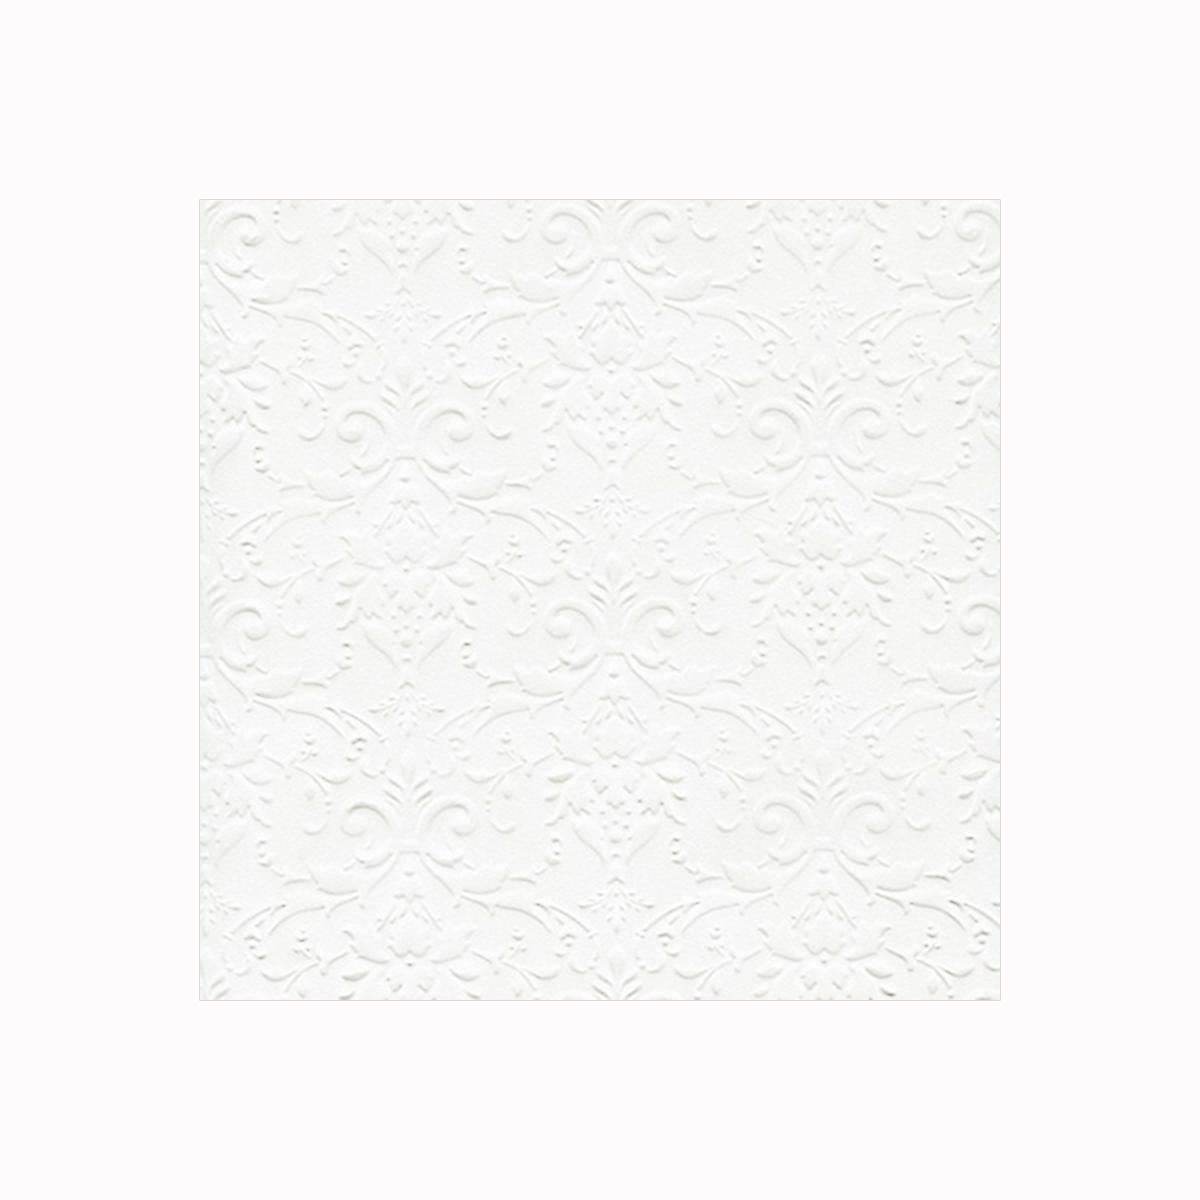 Бумага фактурная Лоза Дамасский узор, цвет: молочный, 3 листа582975_БР003-1-Ф молочныйФактурная бумага для скрапбукинга Лоза Дамасский узор позволит создать красивый альбом, фоторамку или открытку ручной работы, оформить подарок или аппликацию. Набор включает в себя 3 листа из плотной бумаги. Скрапбукинг - это хобби, которое способно приносить массу приятных эмоций не только человеку, который этим занимается, но и его близким, друзьям, родным. Это невероятно увлекательное занятие, которое поможет вам сохранить наиболее памятные и яркие моменты вашей жизни, а также интересно оформить интерьер дома. Плотность бумаги: 200 г/м2.